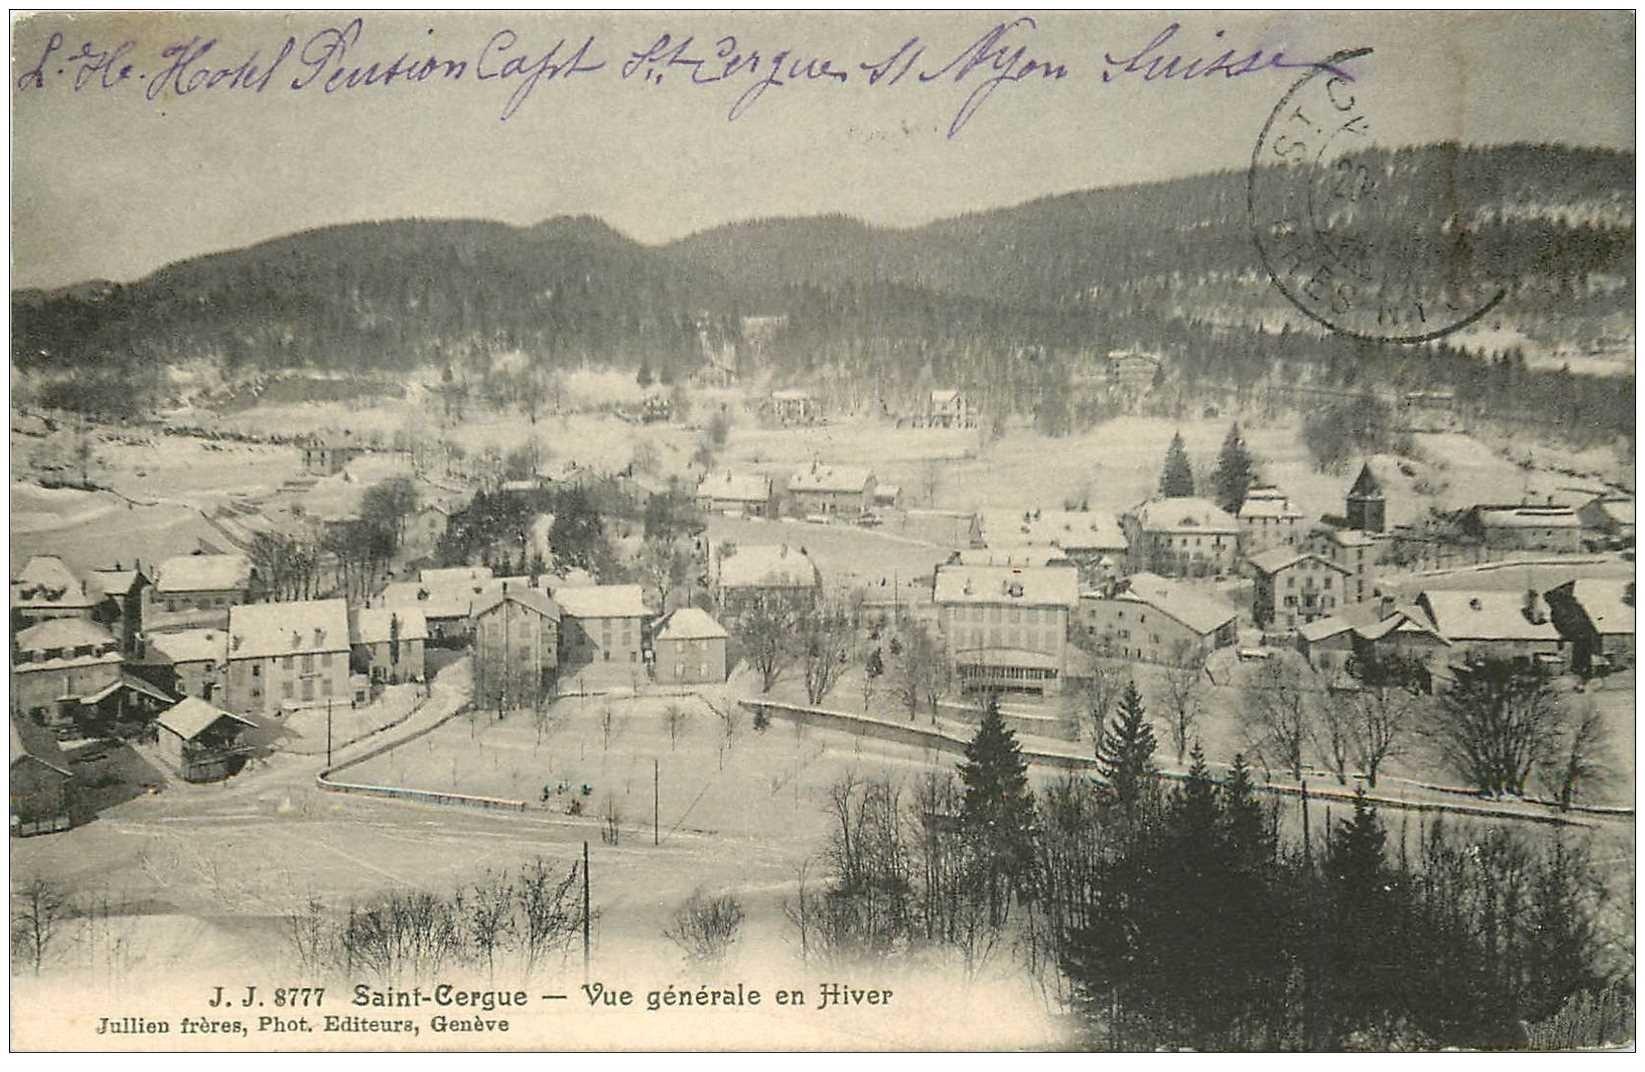 SUISSE. Saint Cergue vue en Hiver 1911